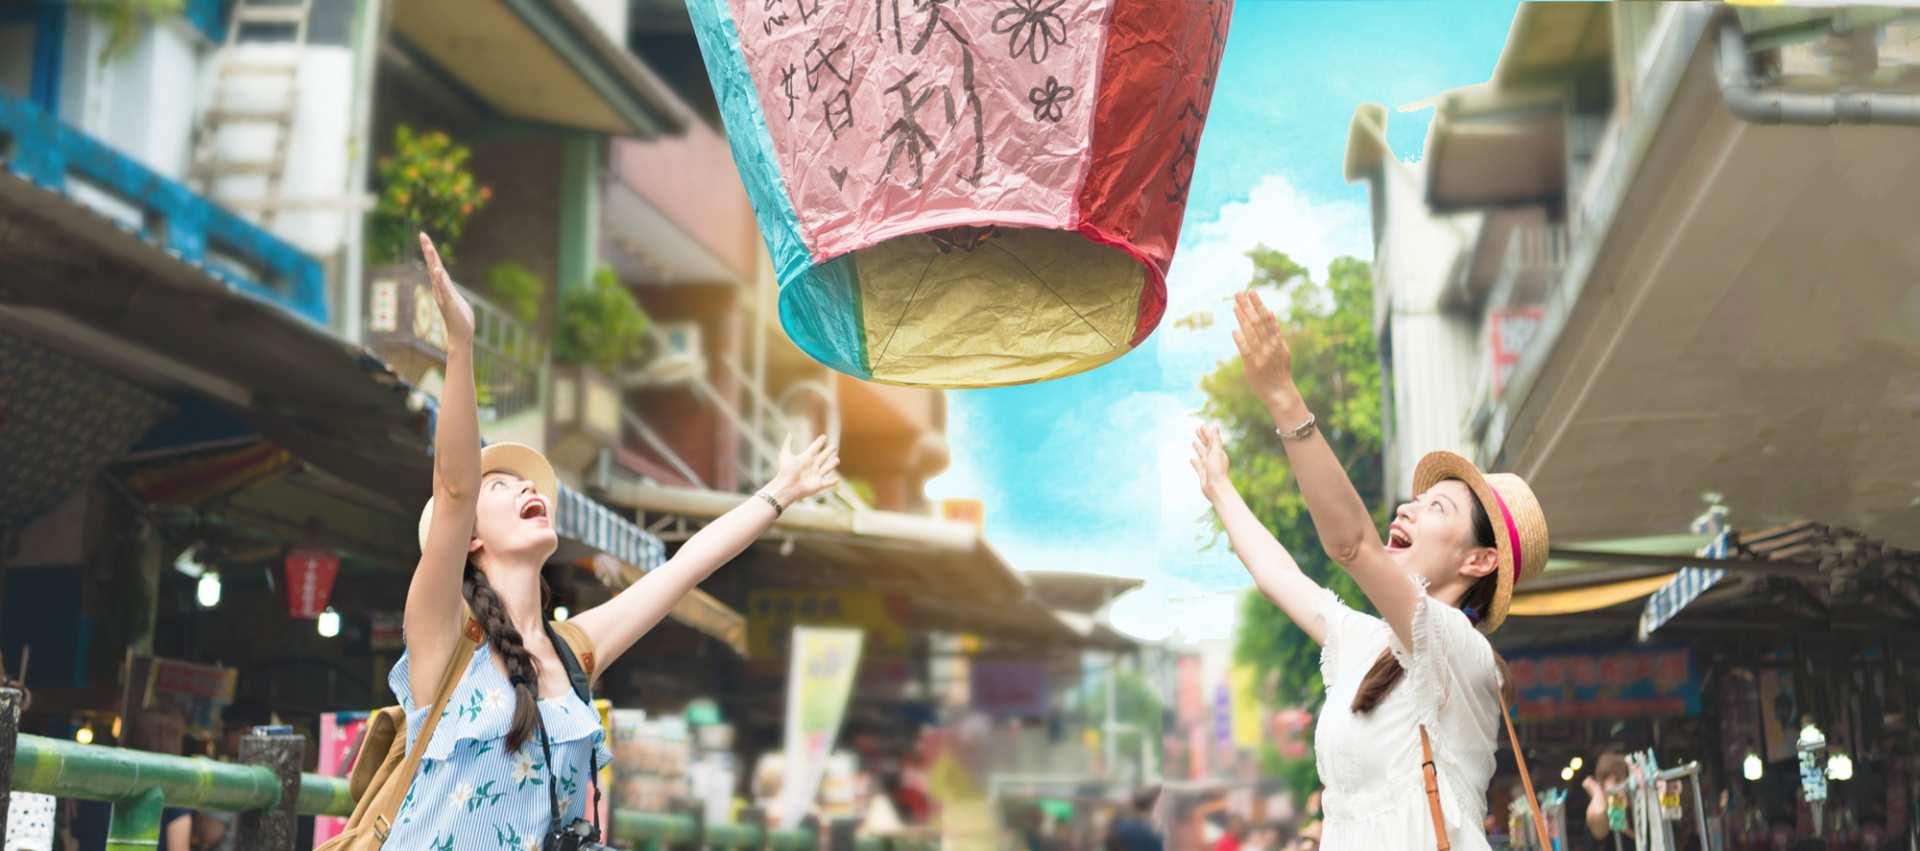 おうちで台湾|平渓線&十分観光・オンラインツアー|菁桐老街+十分老街+天燈上げ見学|Zoom利用